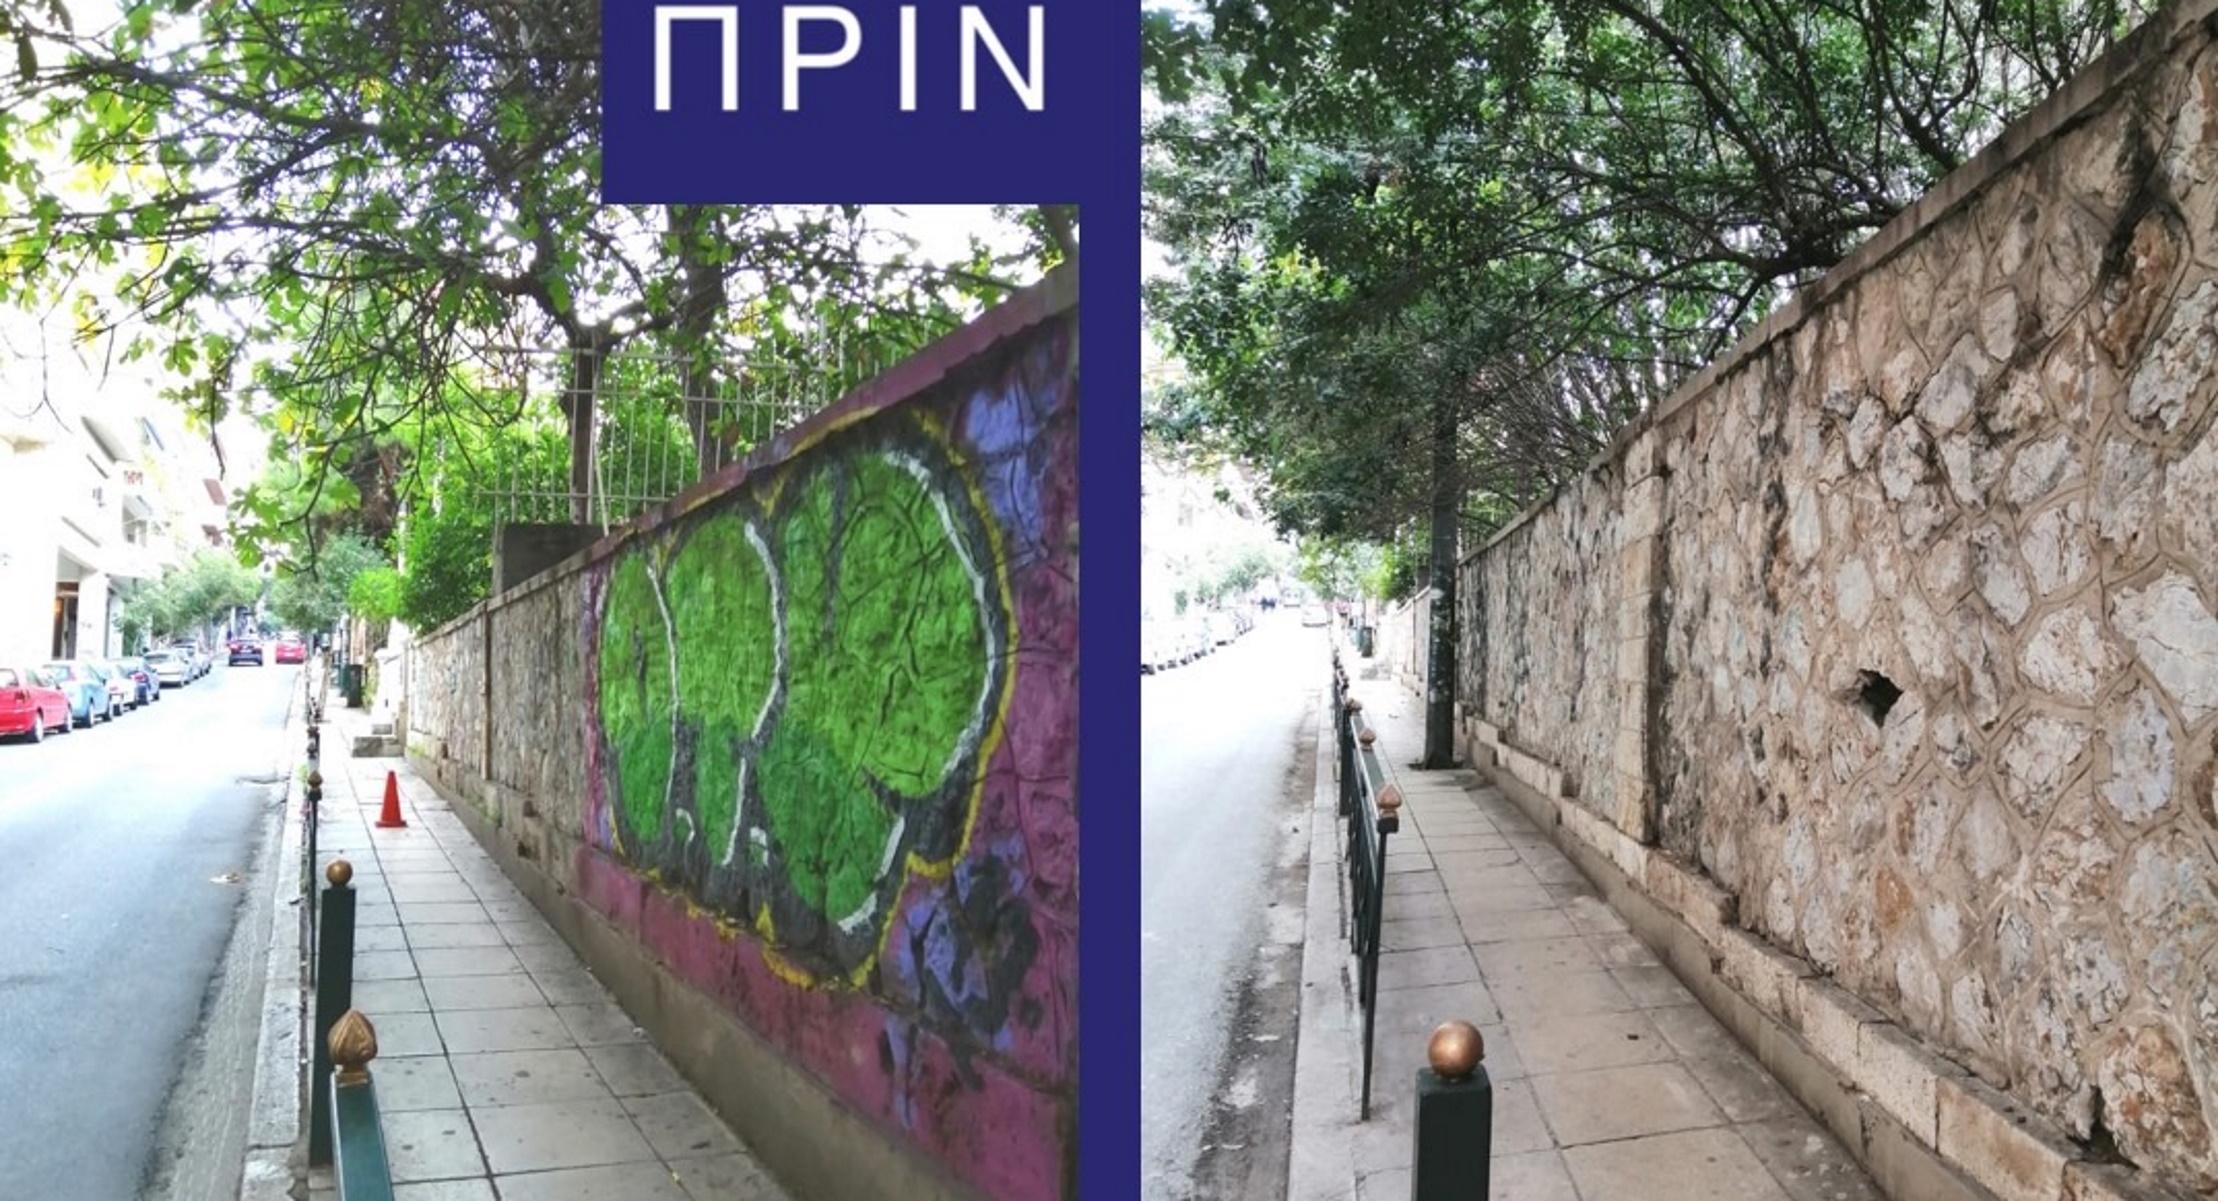 Αθήνα: Δέκα εικόνες από τη μάχη κατά της μουτζούρας – Εντυπωσιάζει το «πριν» και το «μετά»